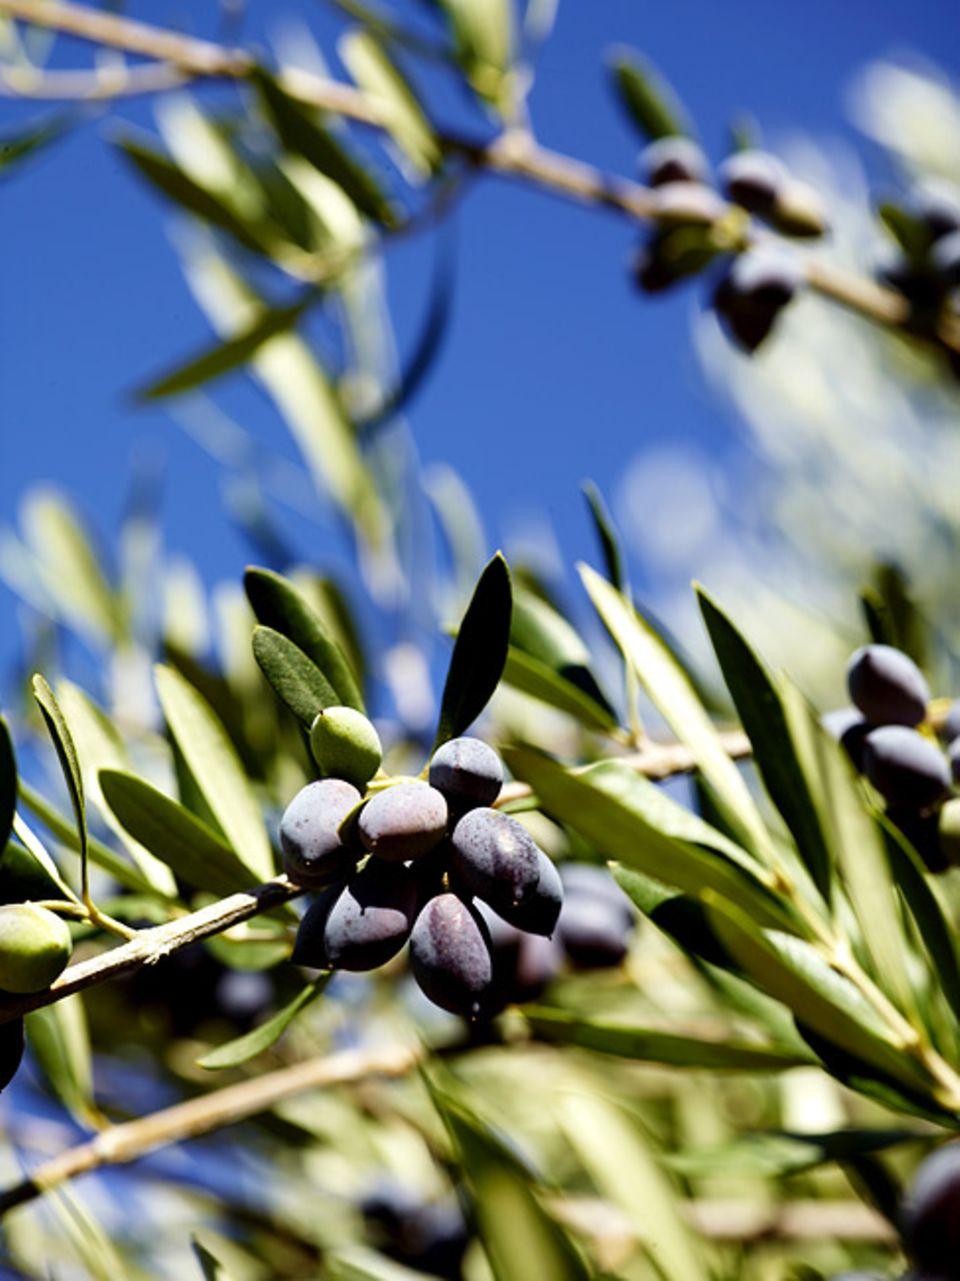 Umwelt: Problematisch sind vor allem die toxisch wirkenden Polyphenole aus den Olivenresten